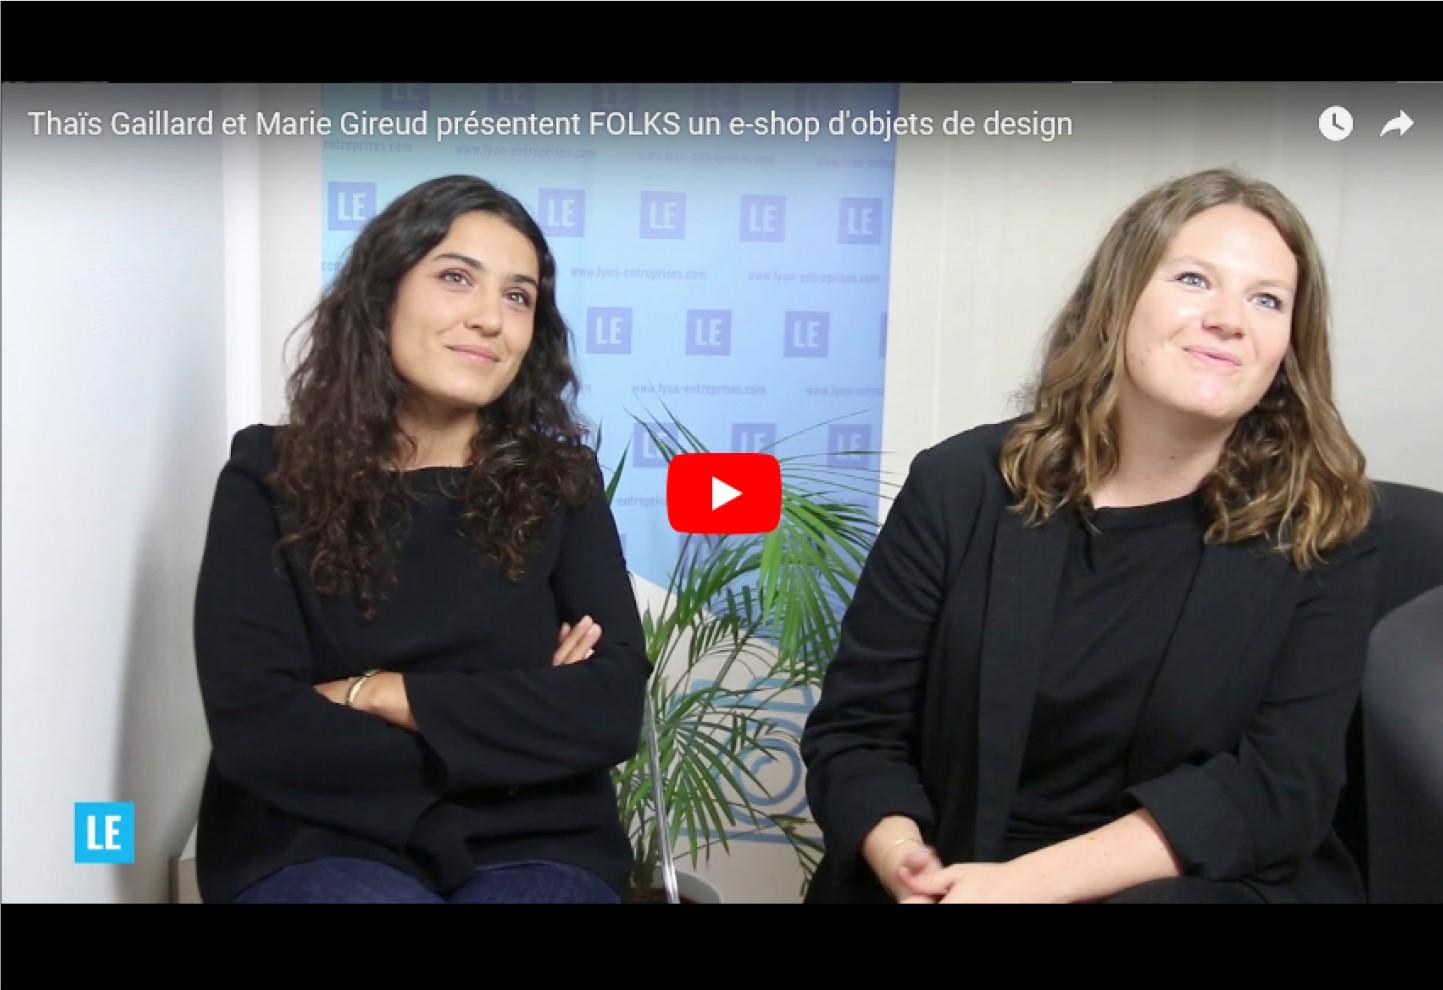 Thaïs Gaillard et Marie Gireud présentent FOLKS un e-shop d'objets de design